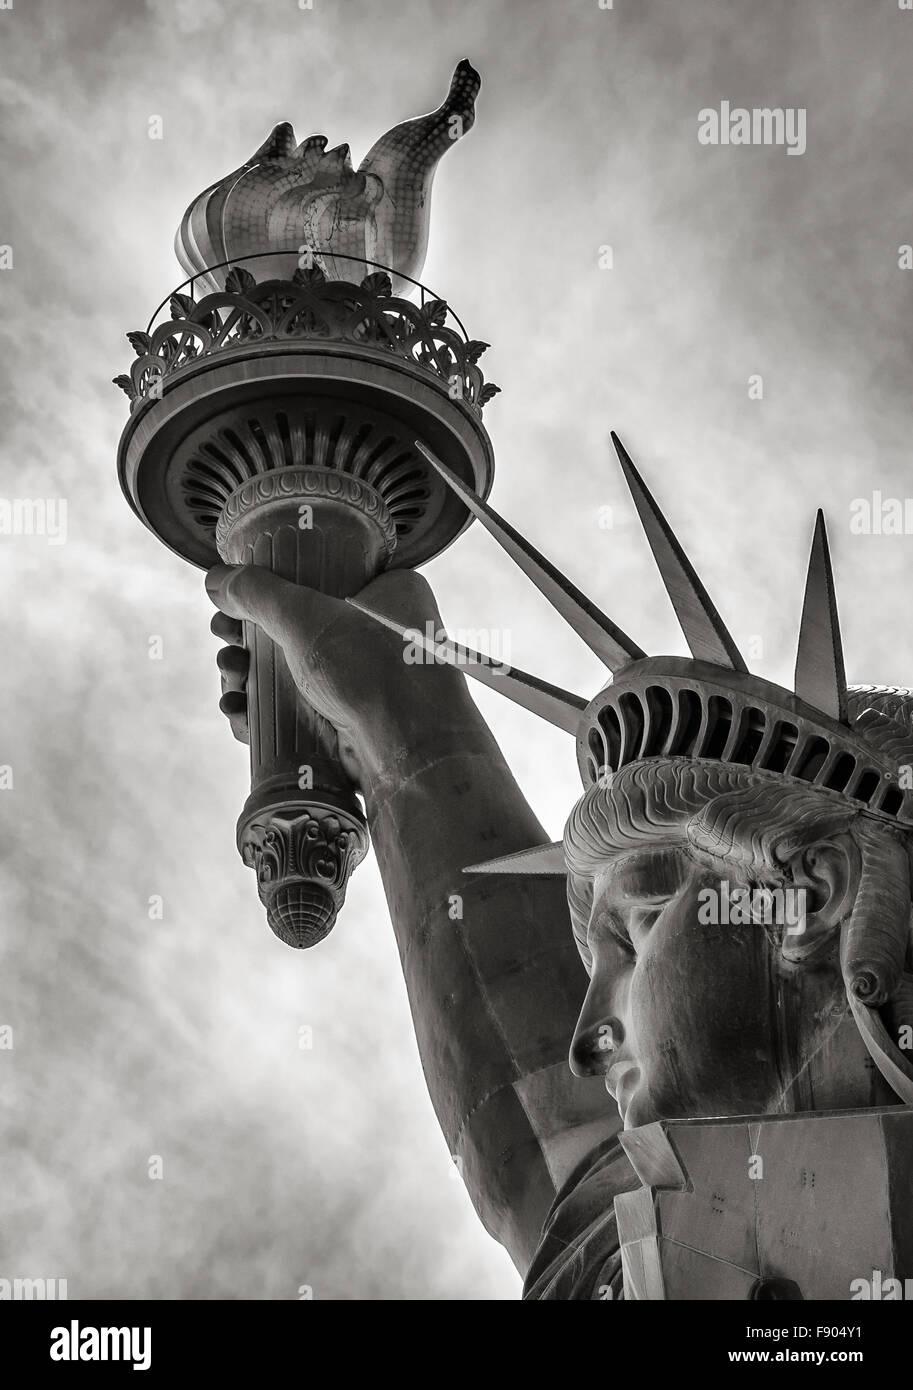 Black & White détail de torche, couronne et le profil de la Statue de la liberté, Liberty Island, Photo Stock